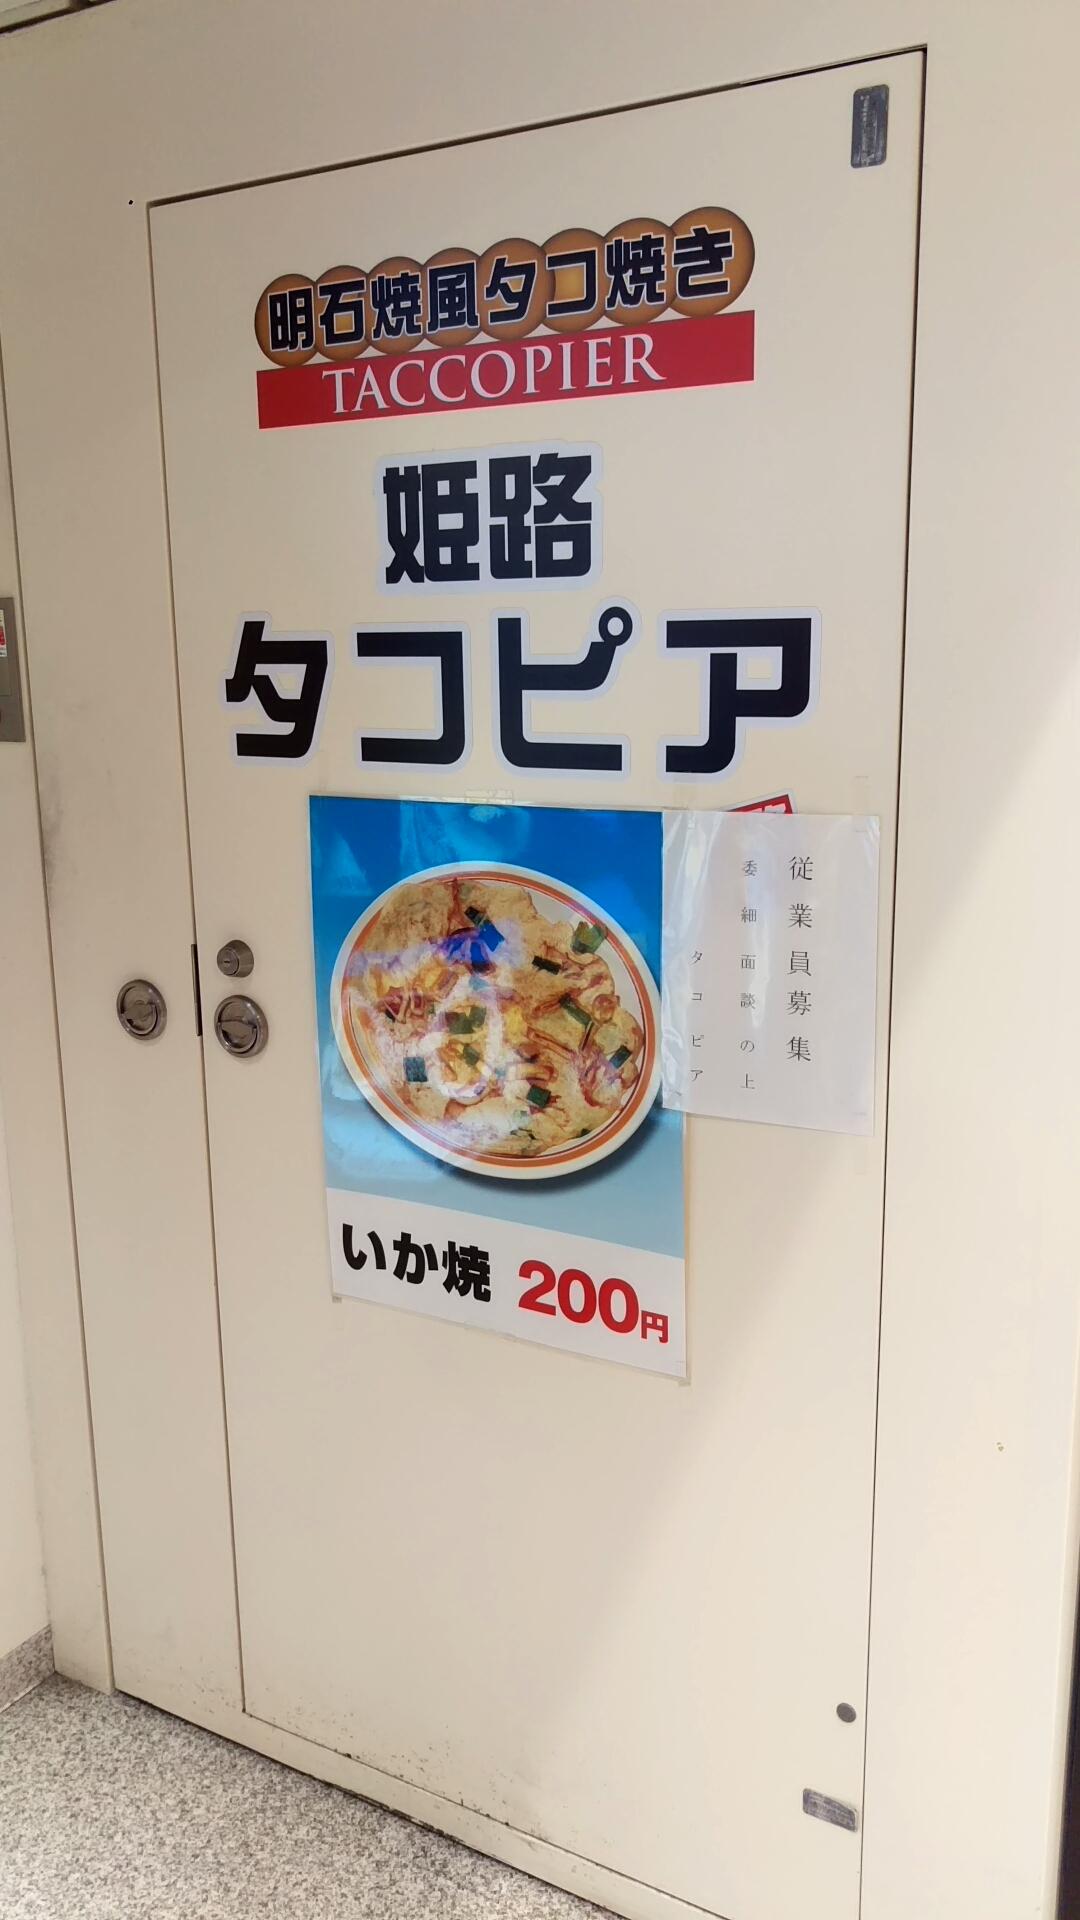 いか焼きも200円!